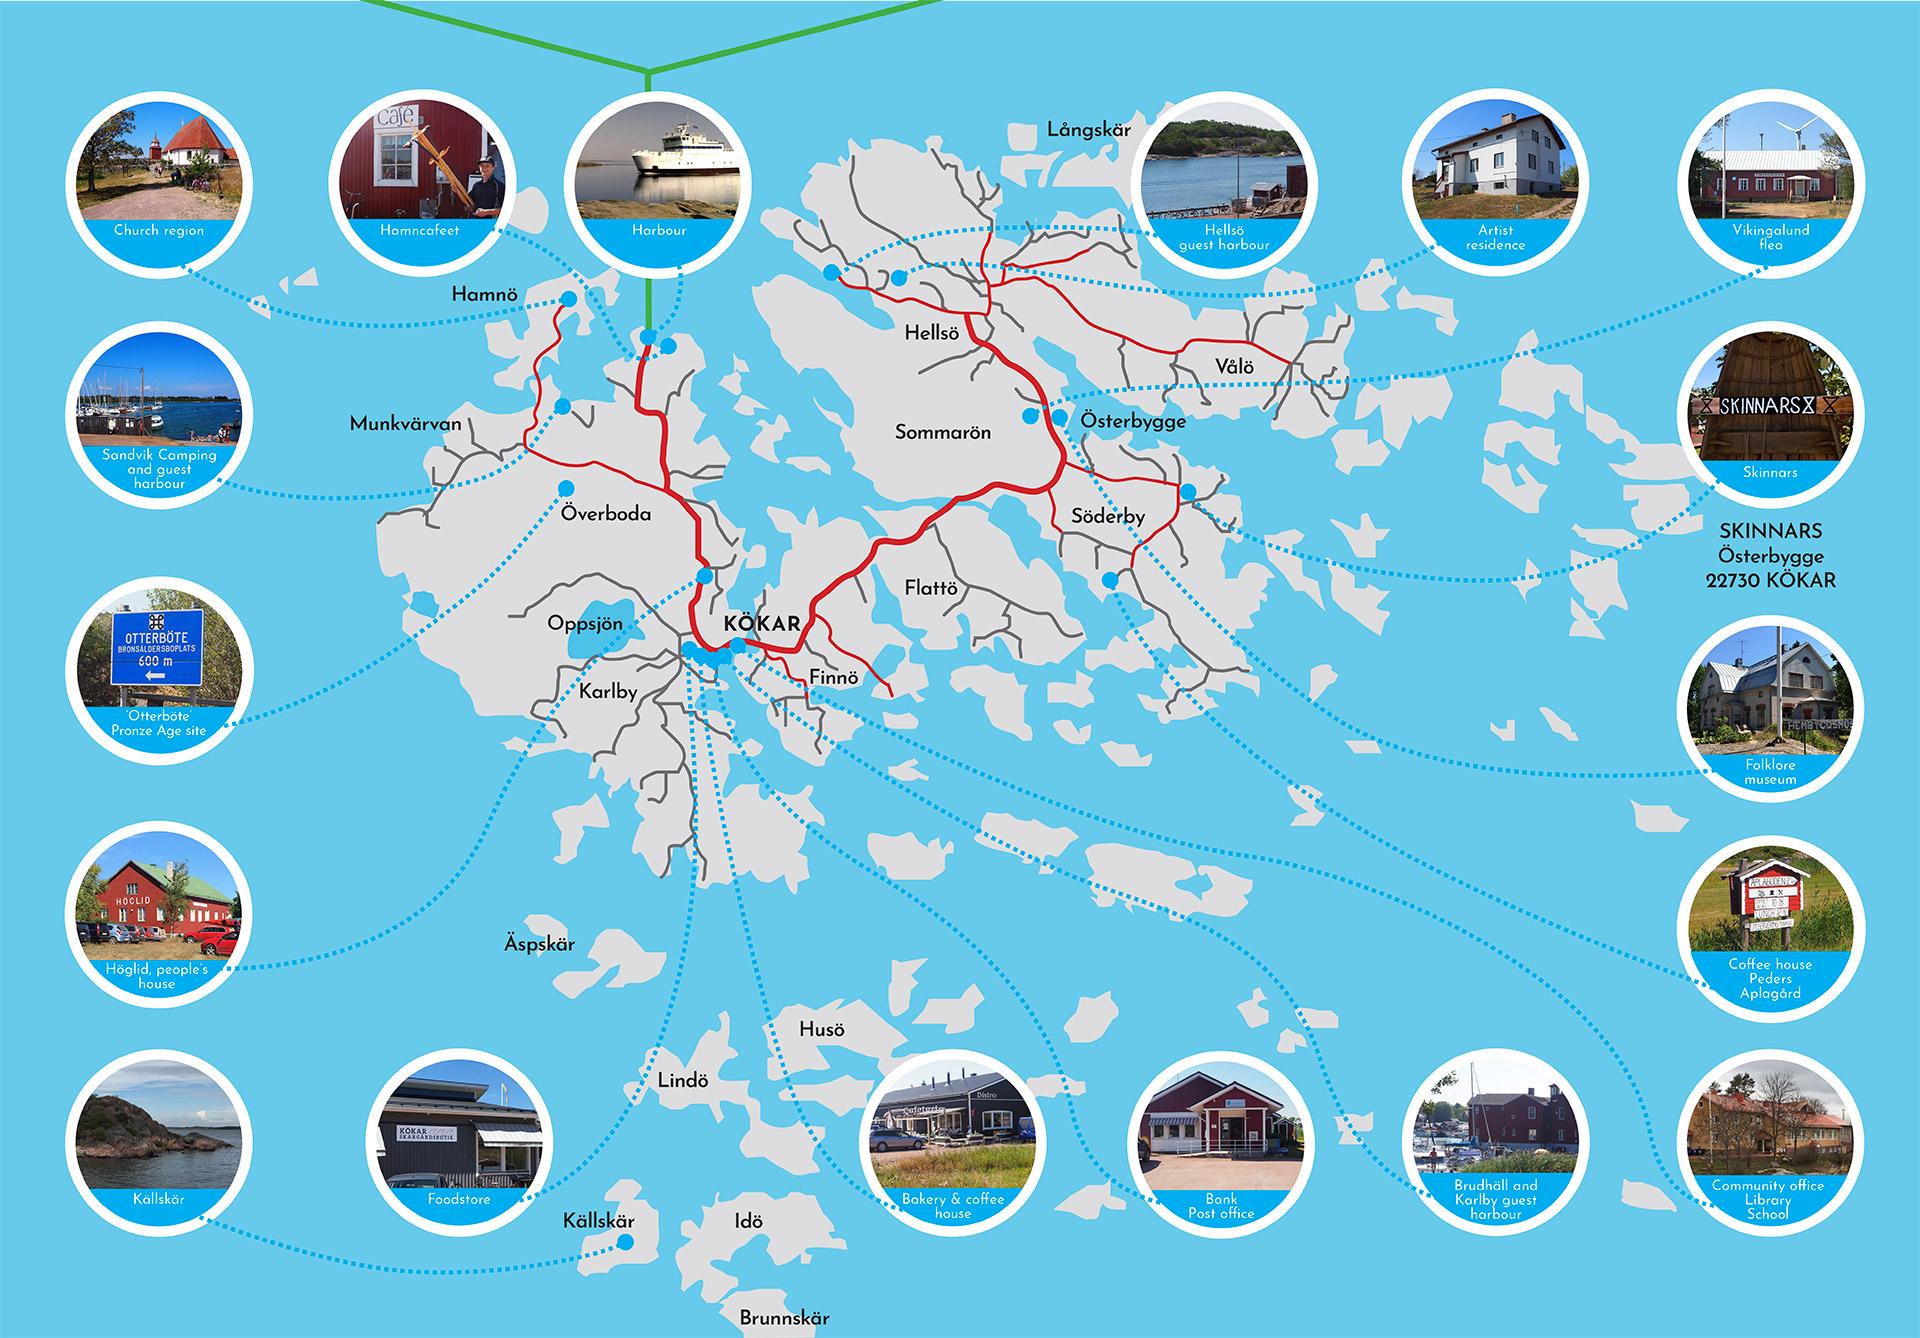 Kokar_map_EN-1